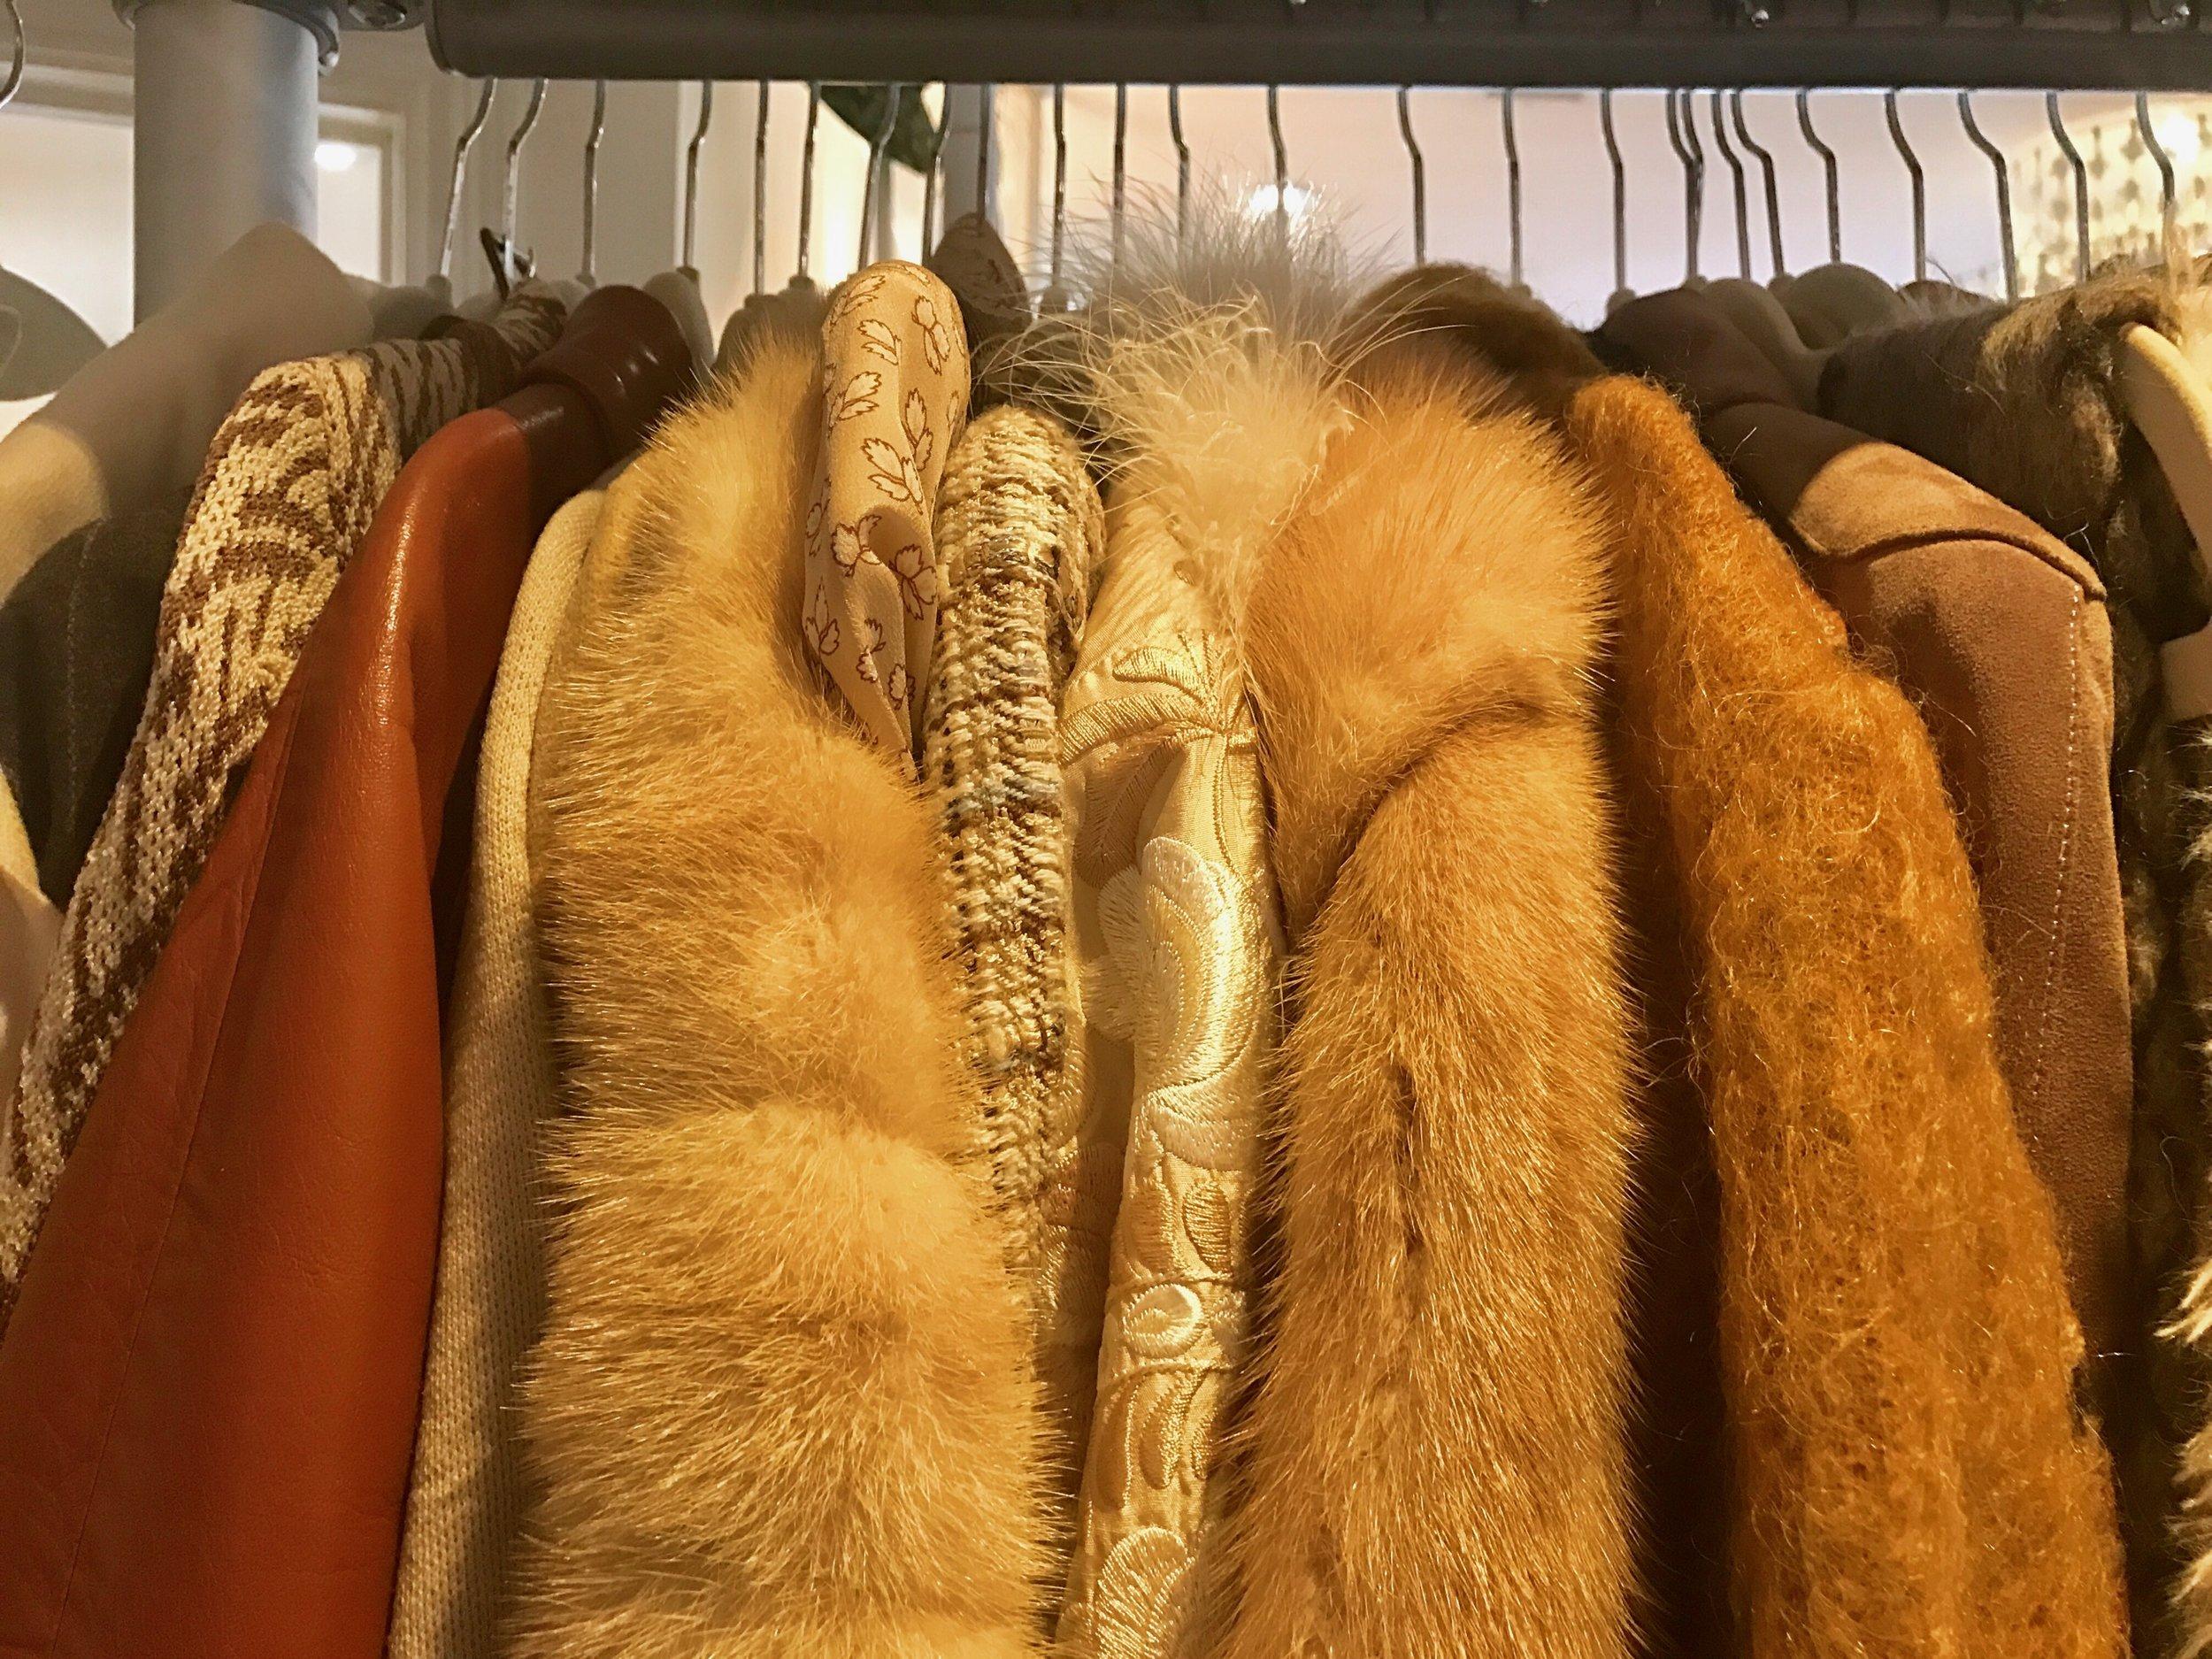 Hello Margot Tenenbaum. This fur!